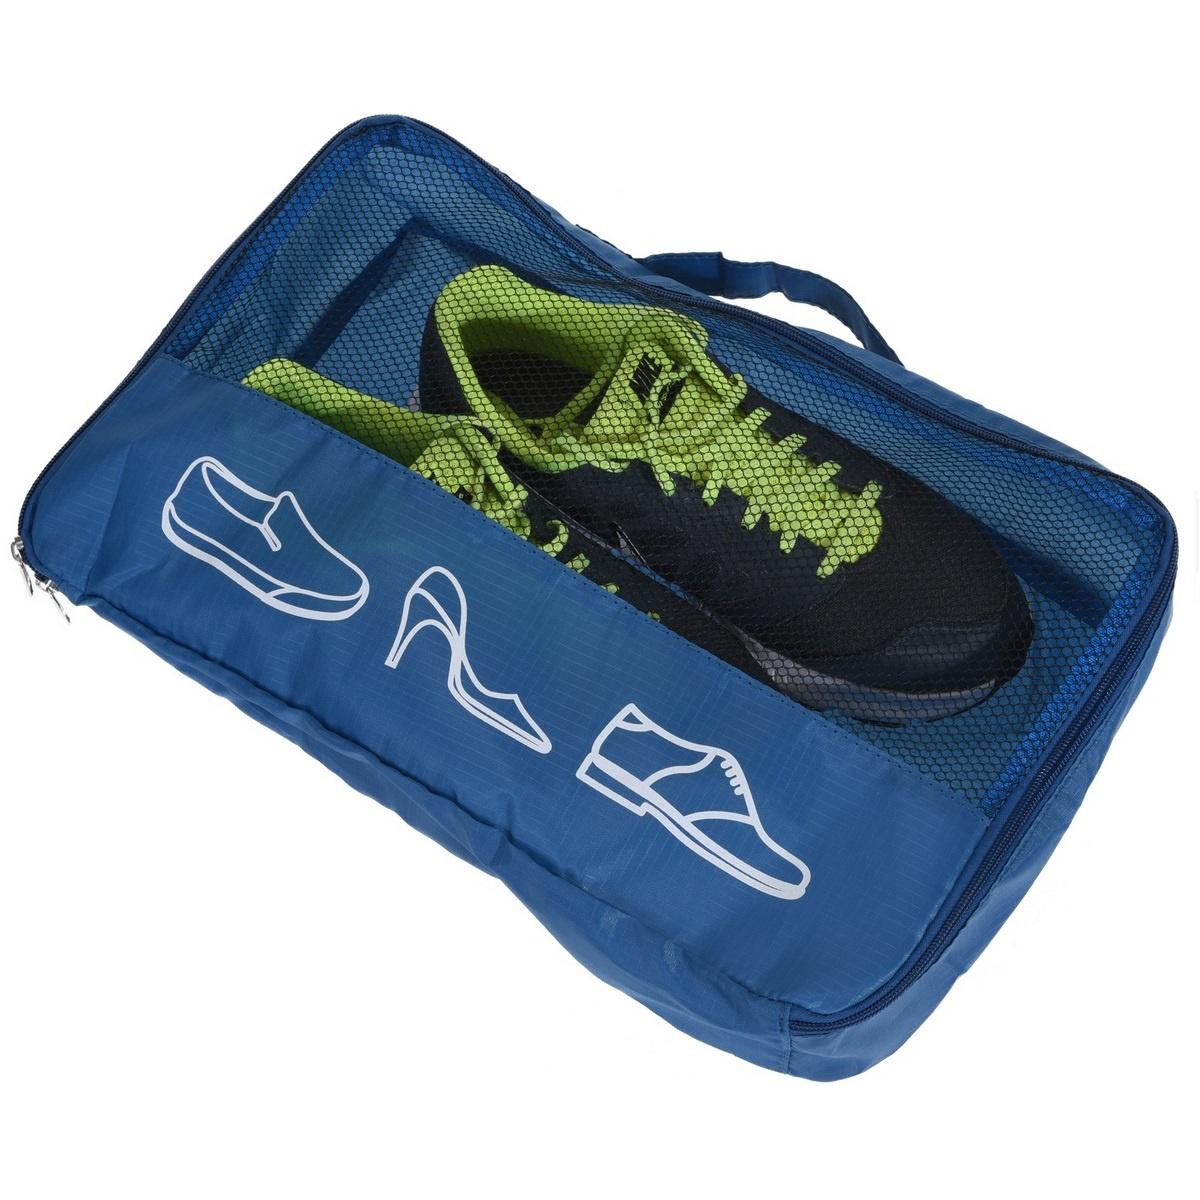 Koopman Cestovní obal na boty tmavě modrá, 40 x 26 x 9 cm